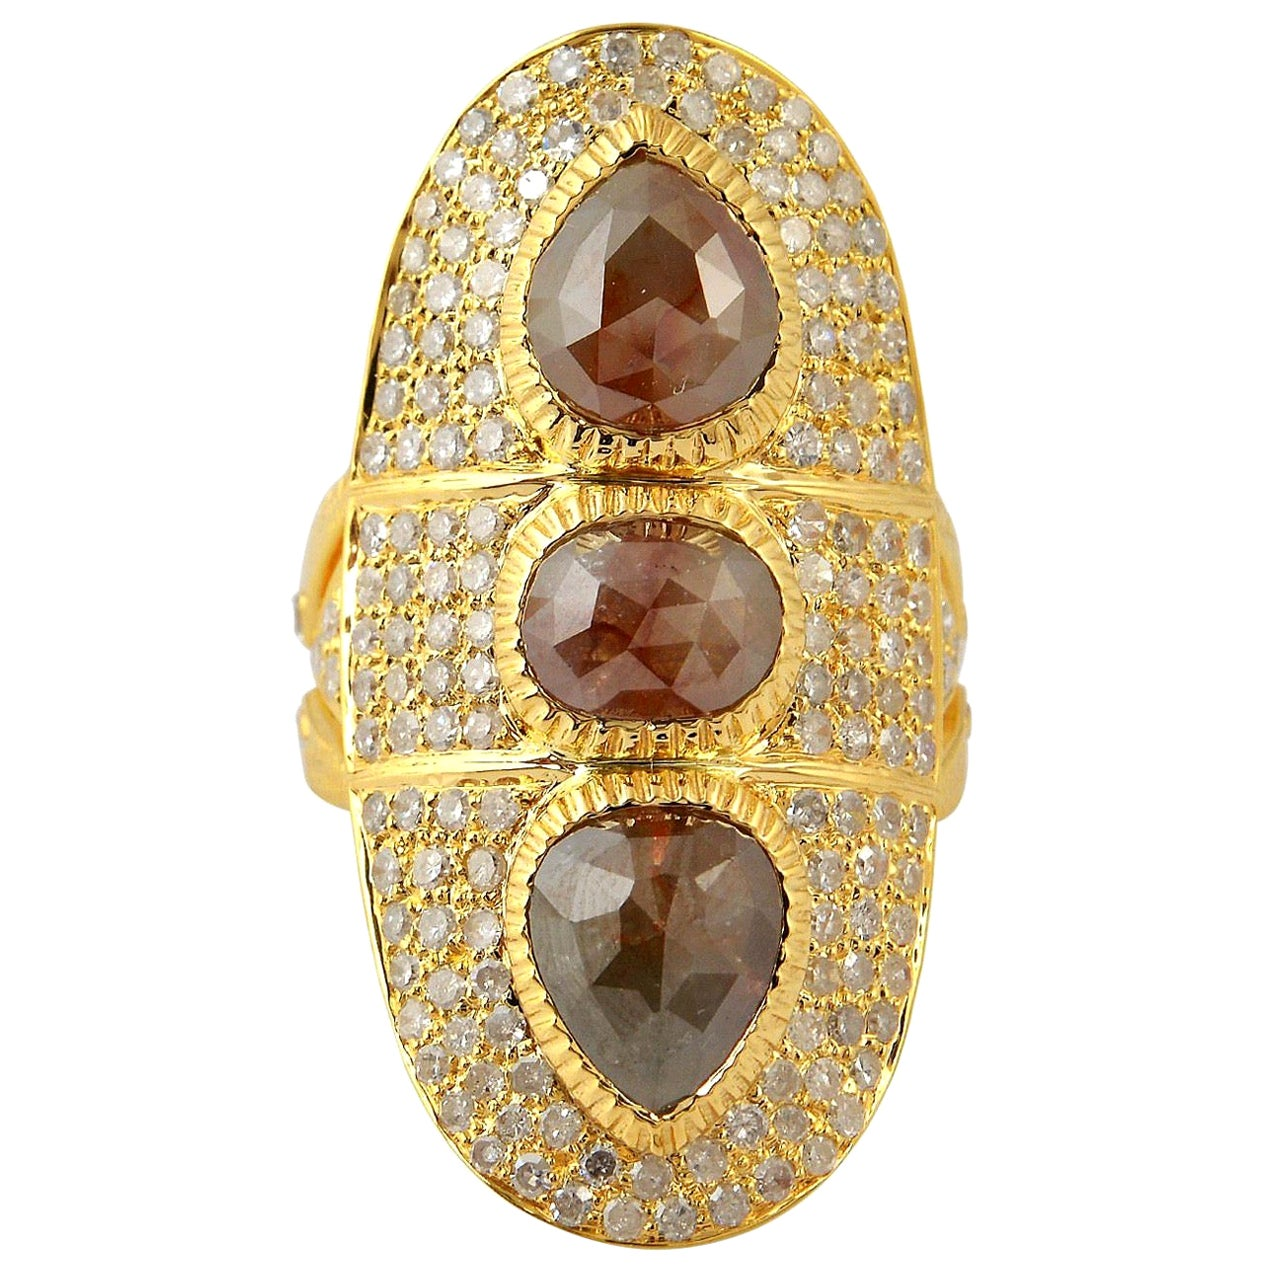 6.479 Carat Fancy Diamond 18 Karat Yellow Gold Ring